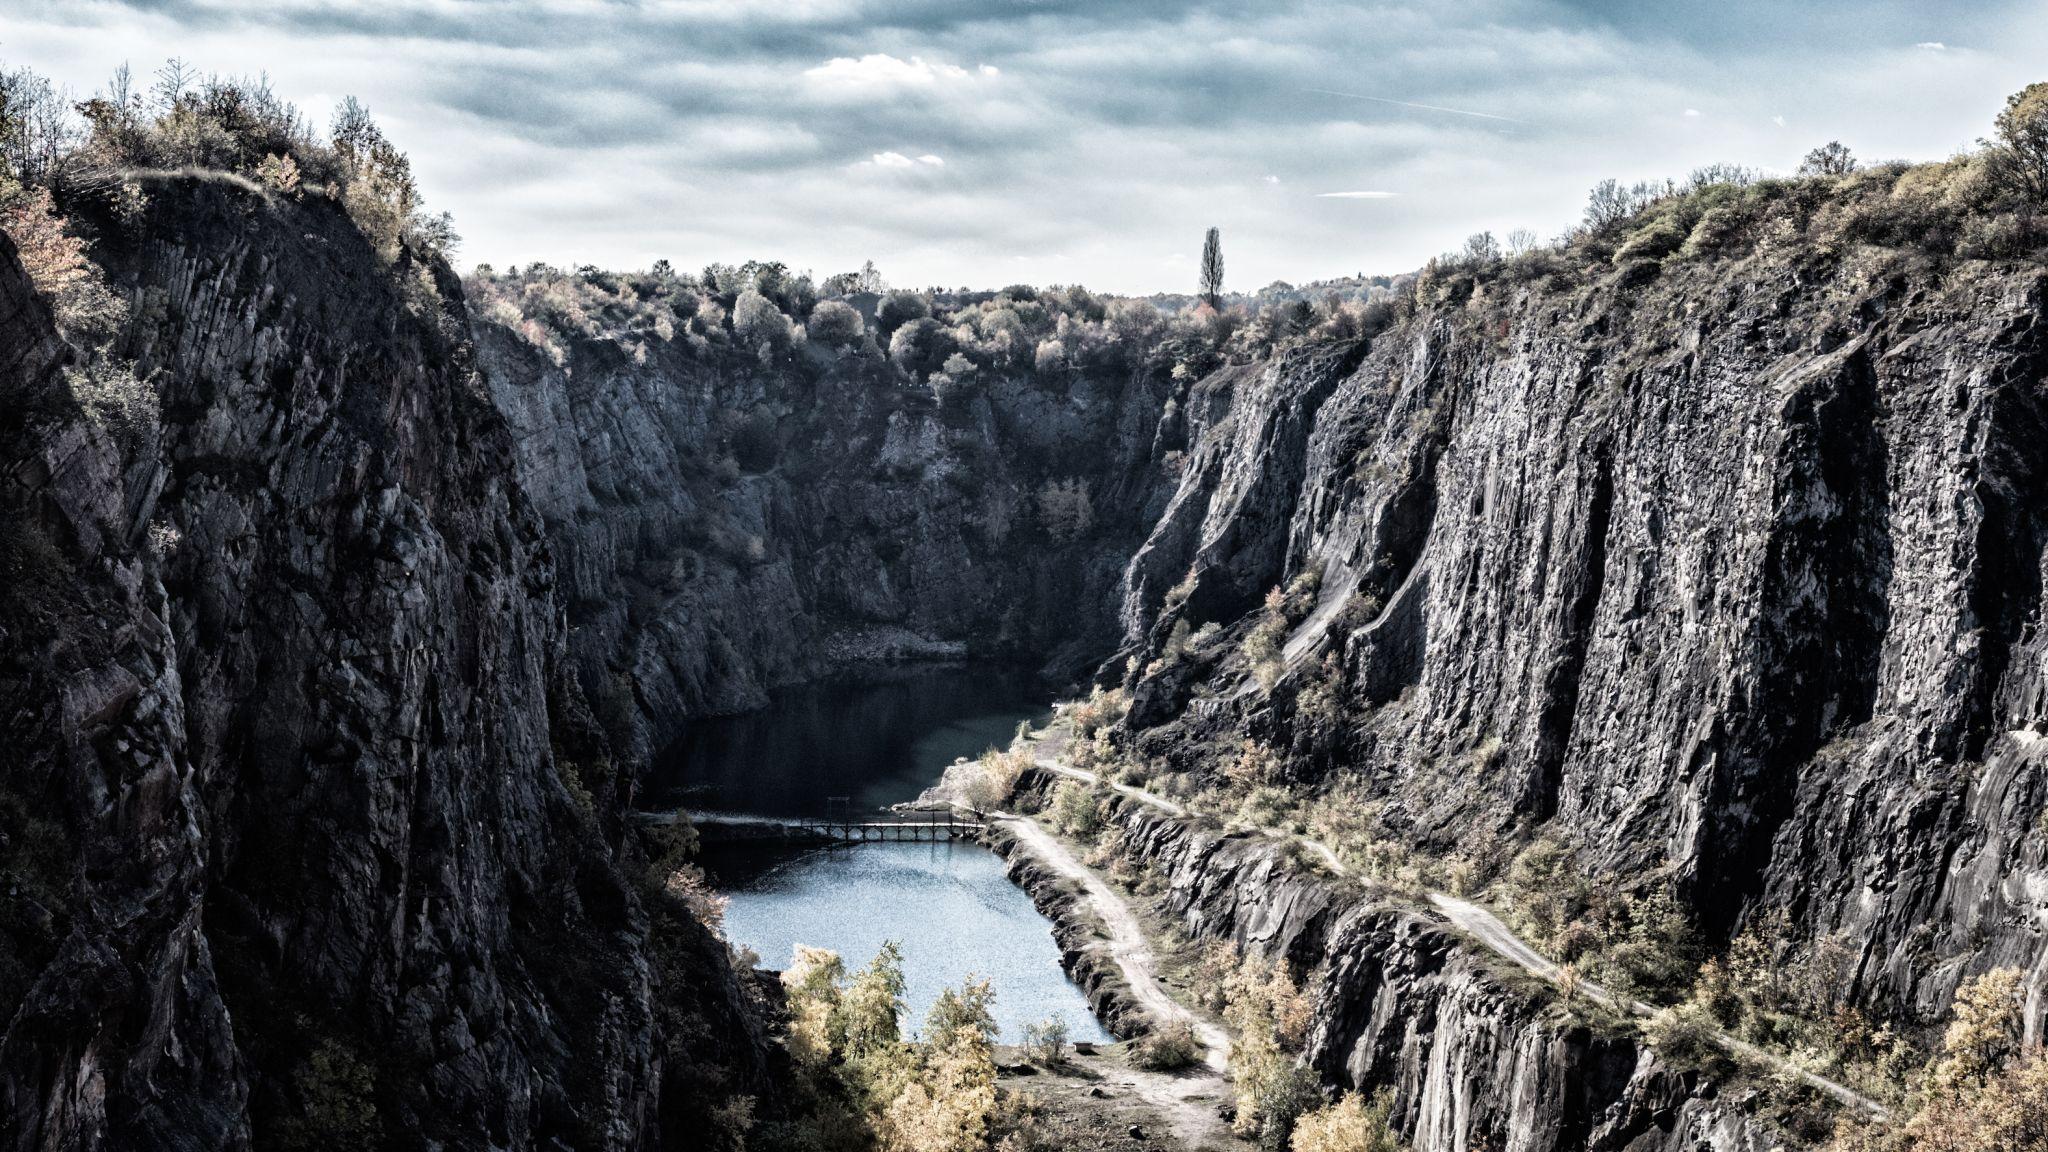 Lom Velká Amerika, Czech Republic